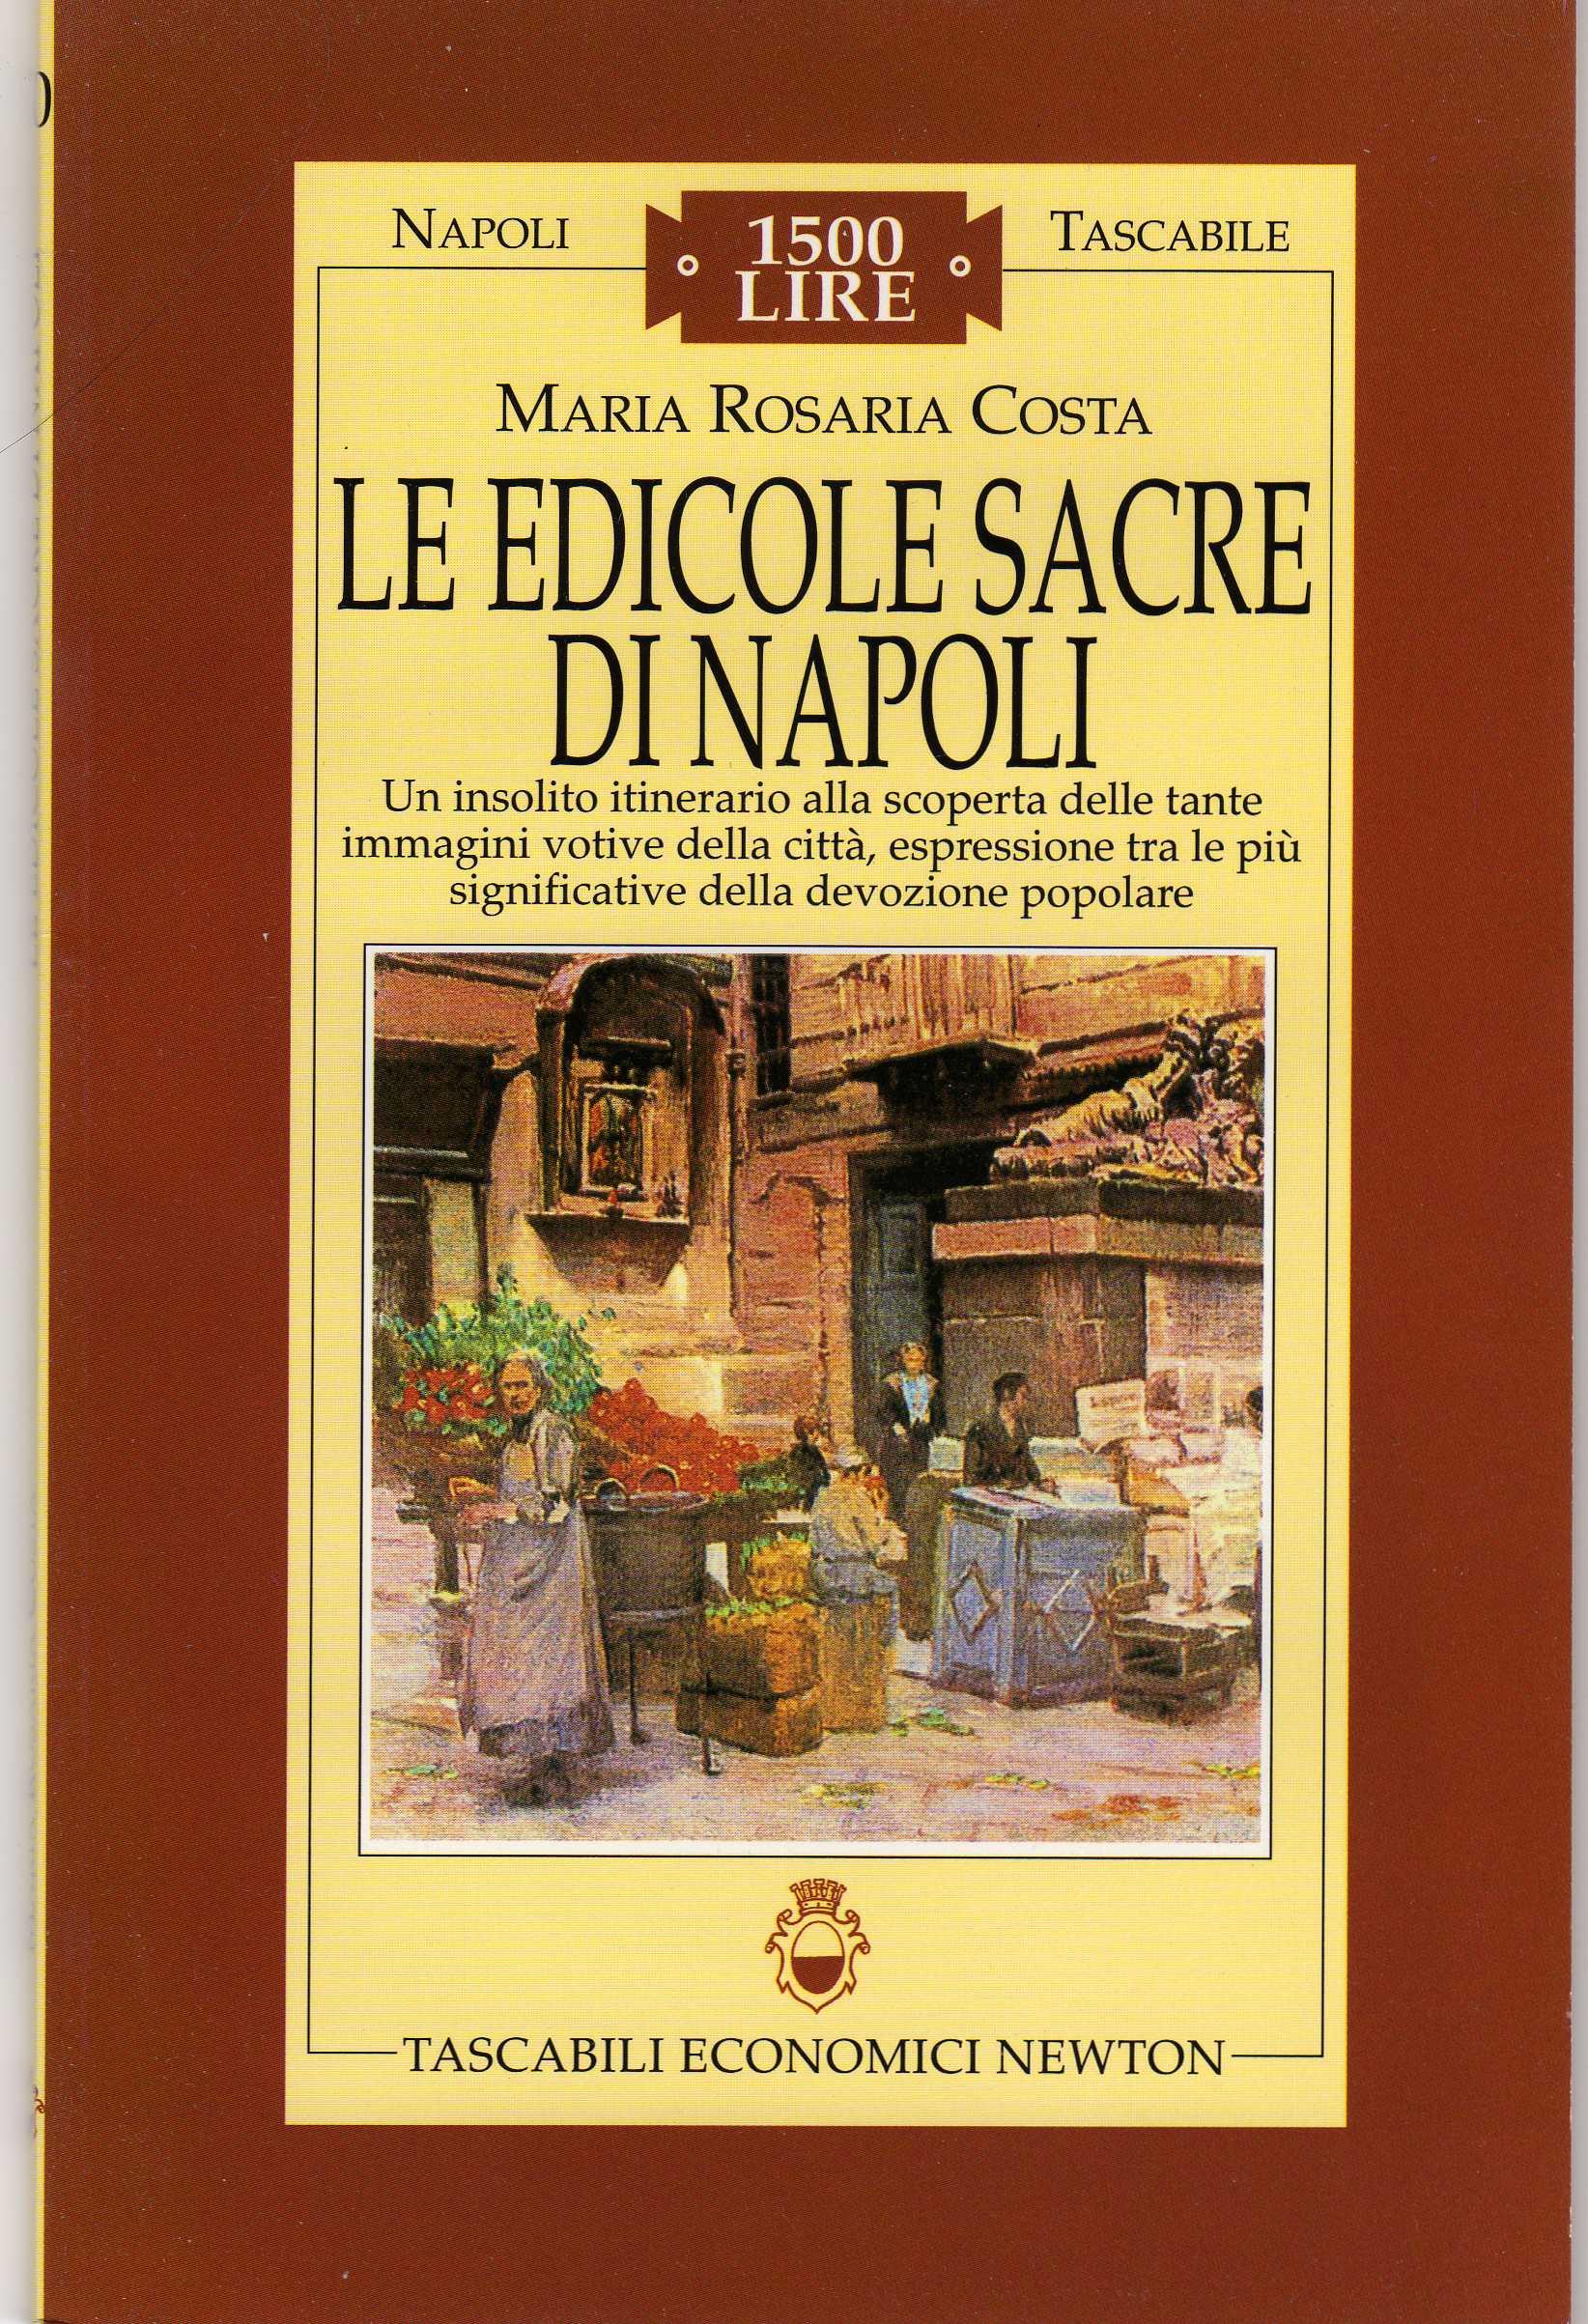 Le edicole sacre di Napoli